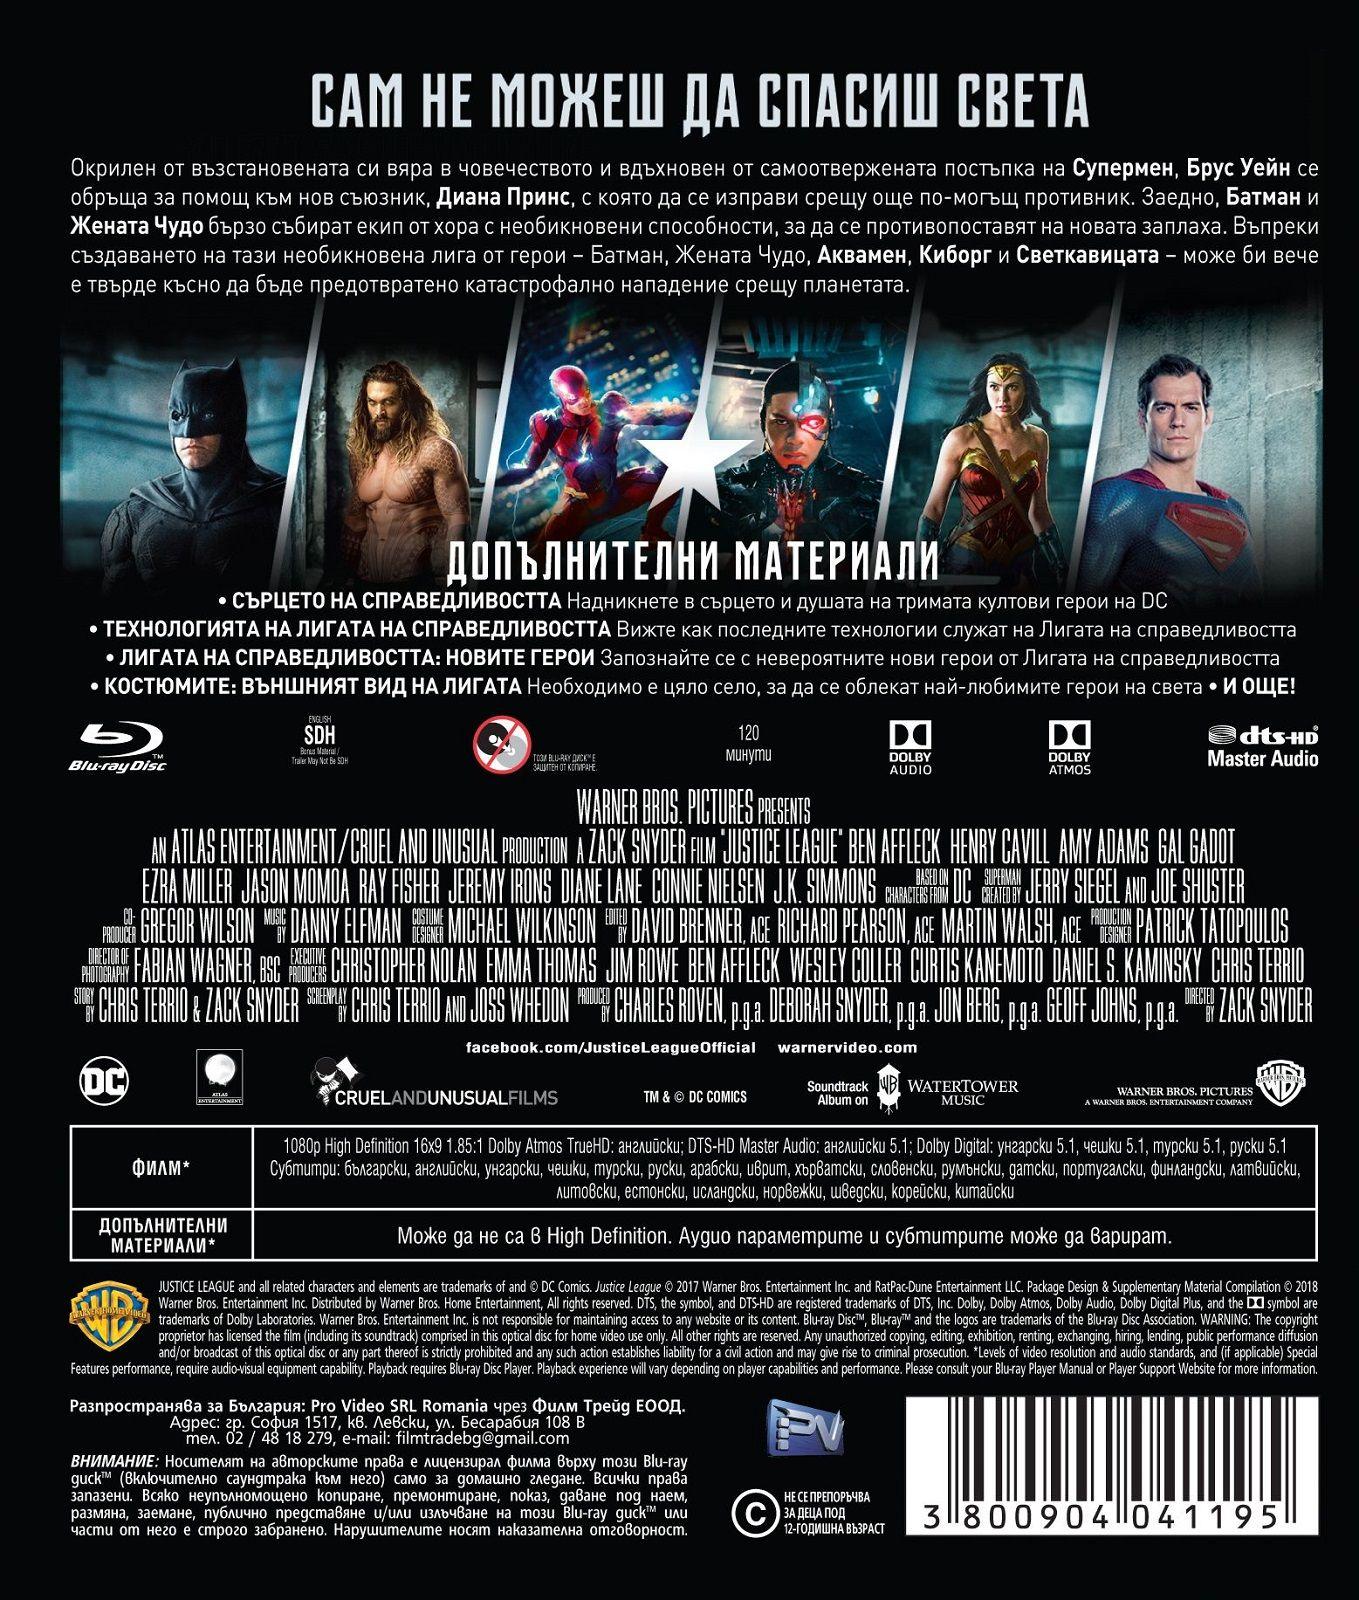 Лигата на справедливостта (Blu-ray) - 2